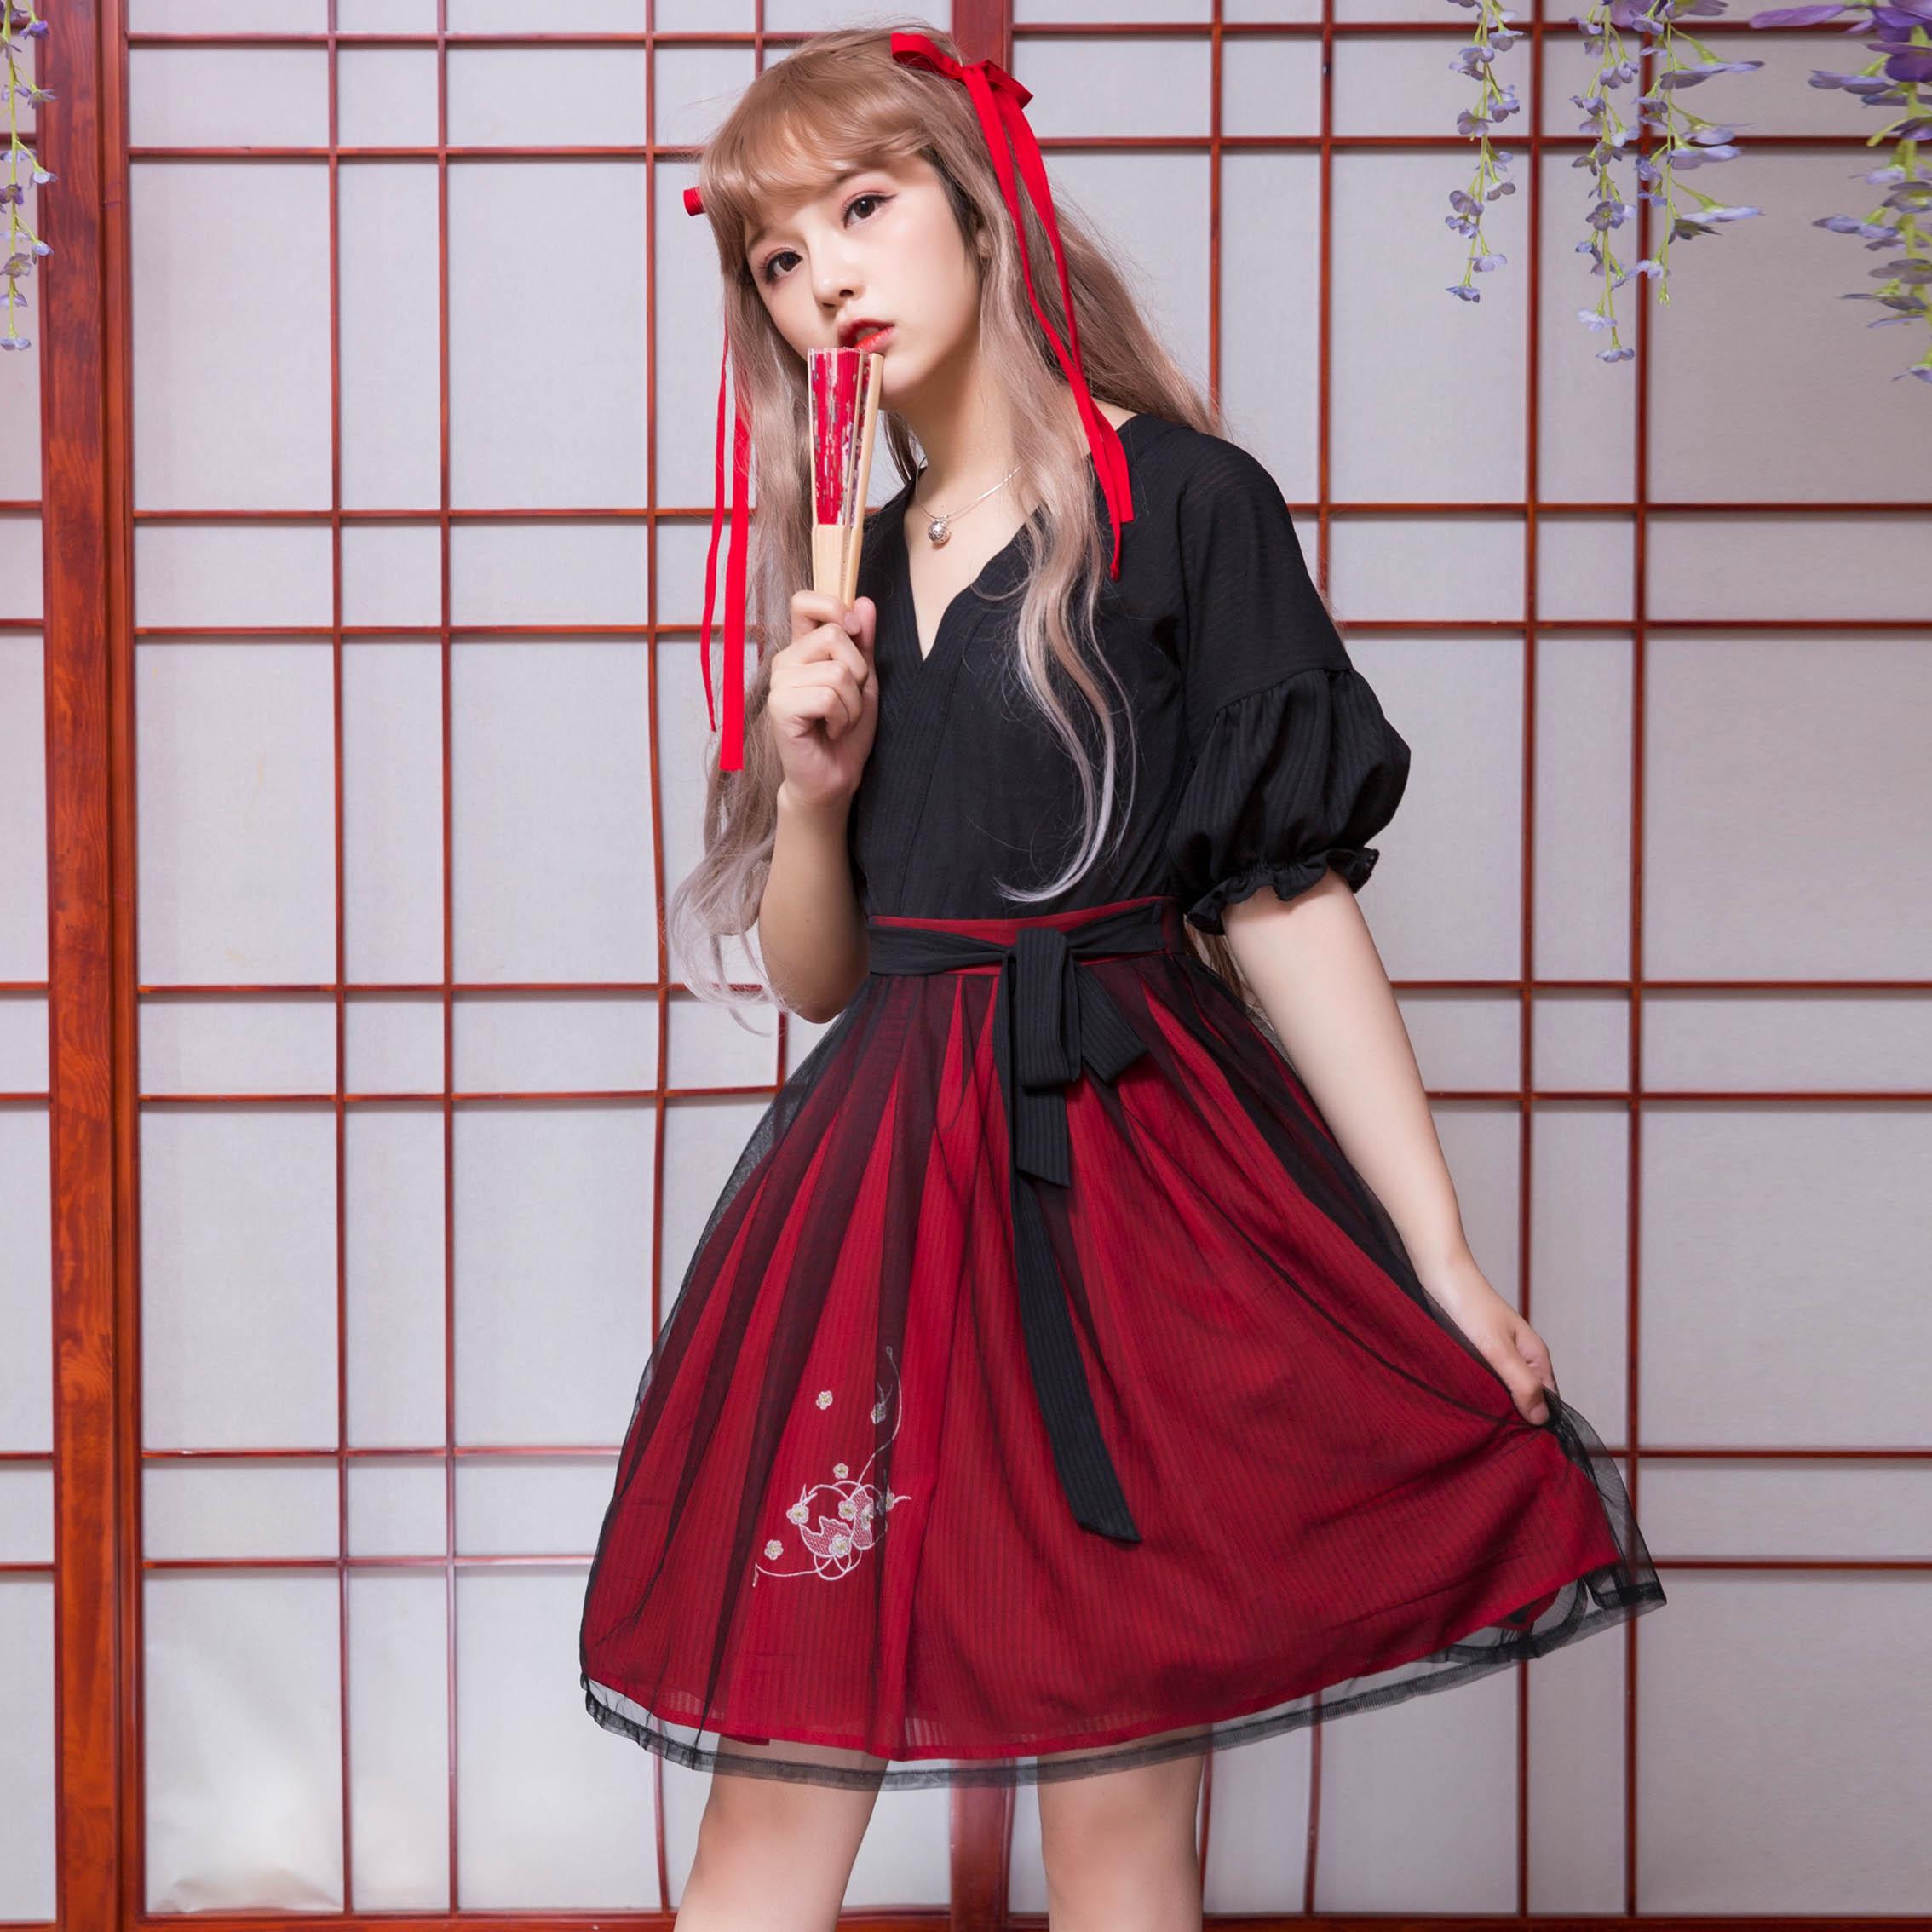 링 긴 tou (절묘한 주사위) 우아한 중국 전통 hanfu 블랙 + 레드 드레스 한 요소 짧은 소매 드레스 원피스-에서드레스부터 여성 의류 의  그룹 1